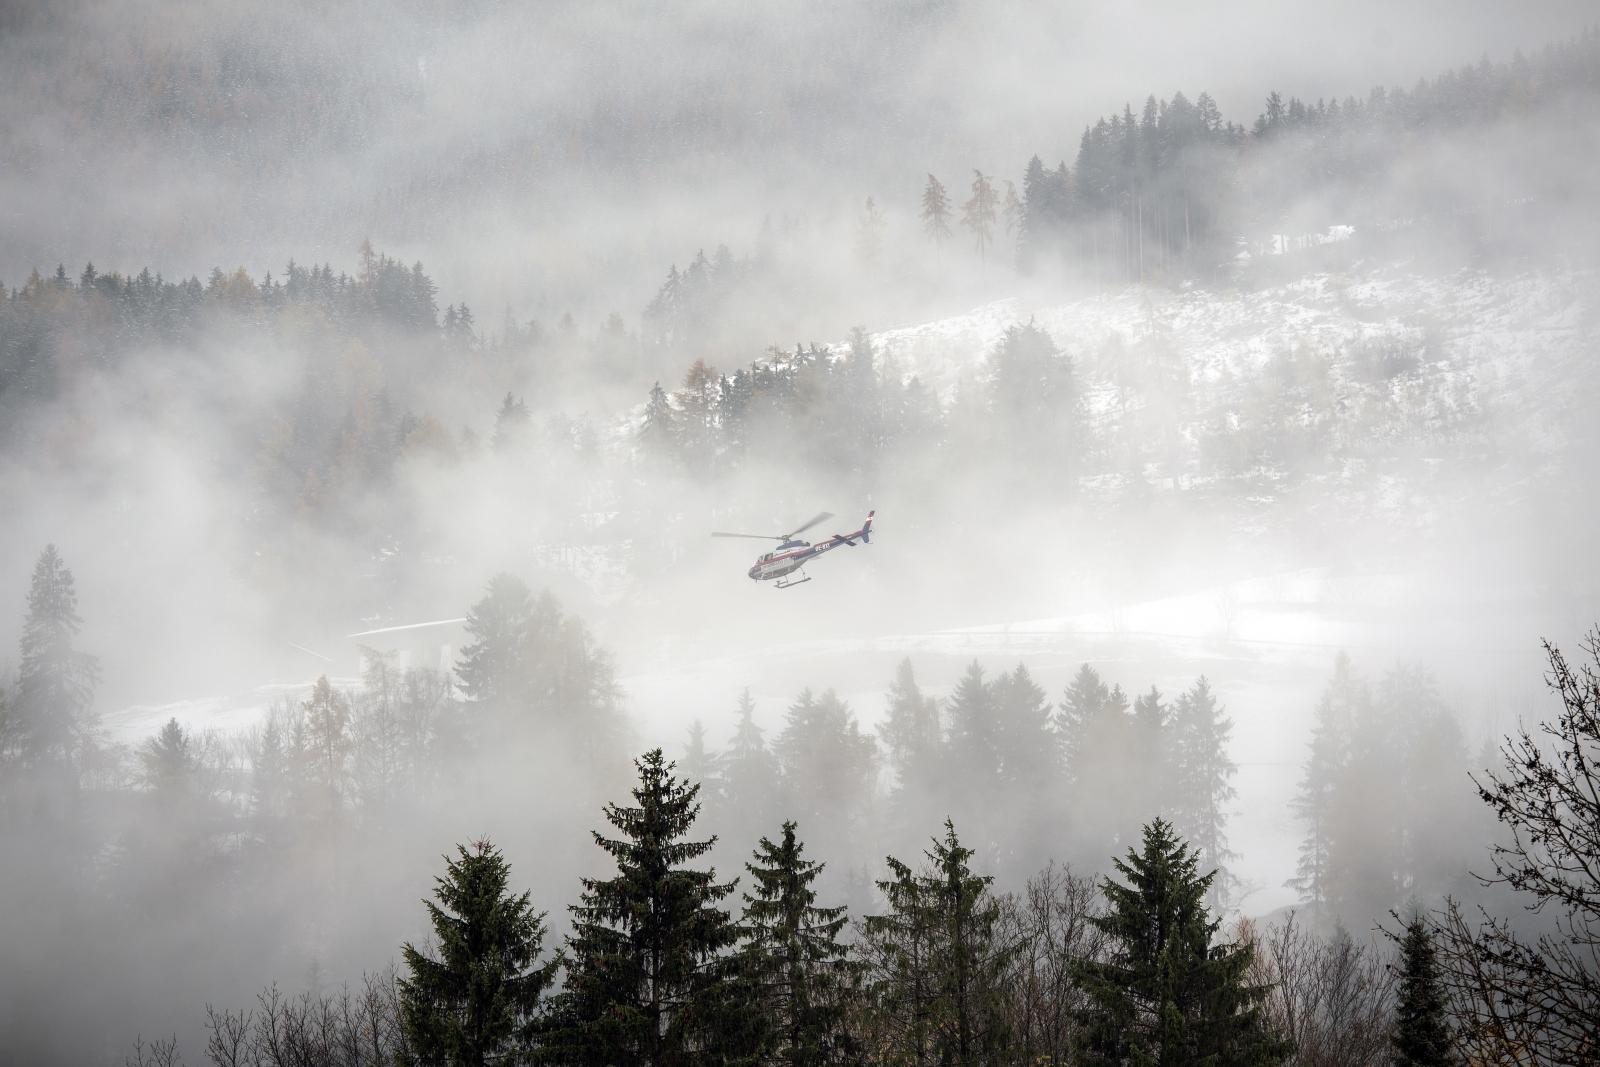 Pogoda w Austrii fot. EPA/CHRISTIAN BRUNA